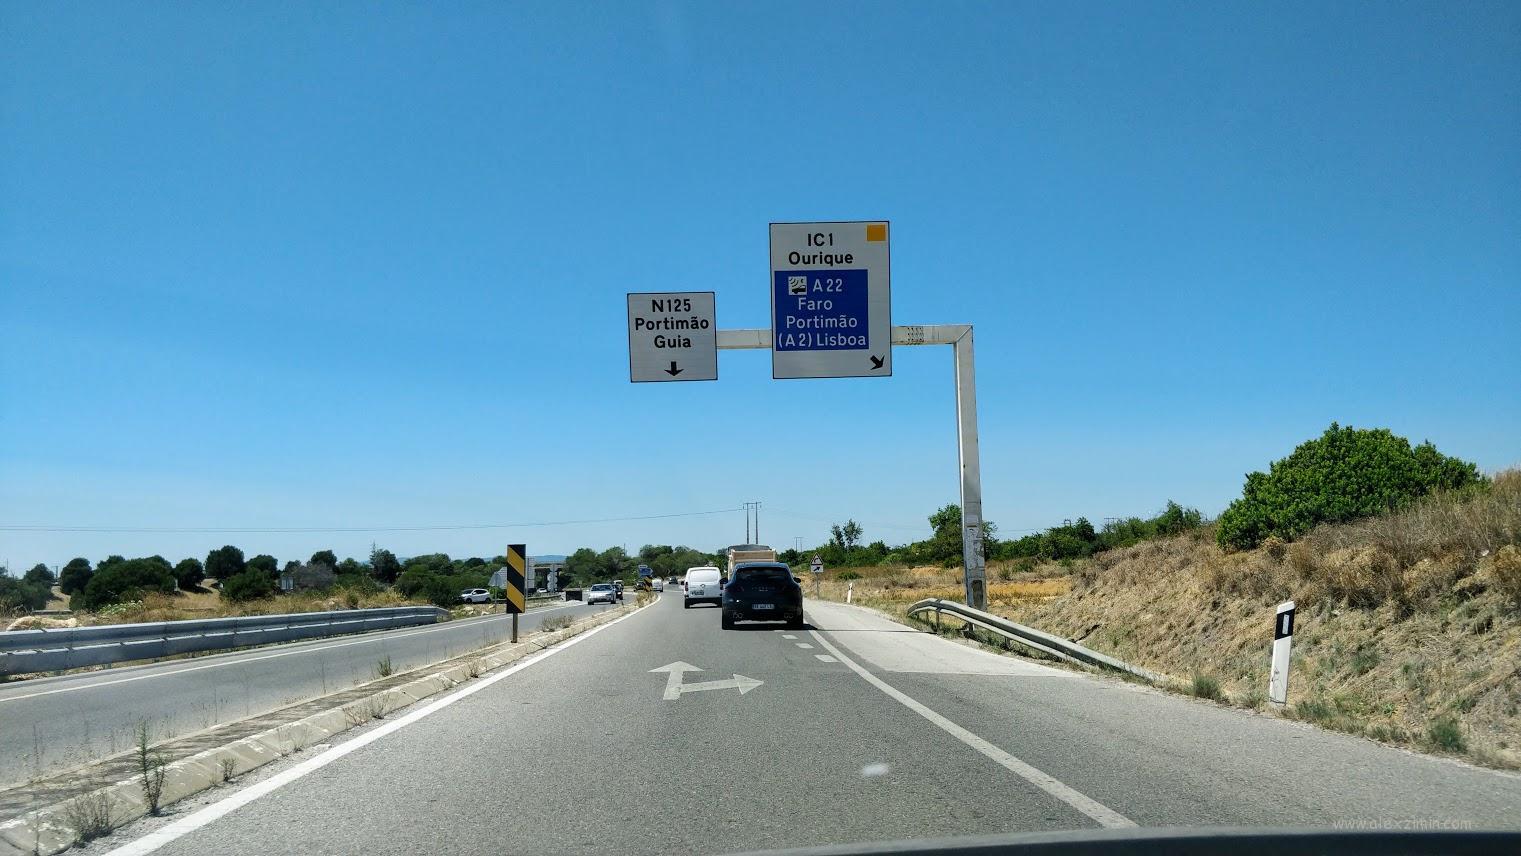 Как обозначается выезд на автомобильную дорогу с электронной оплатой в Португалии